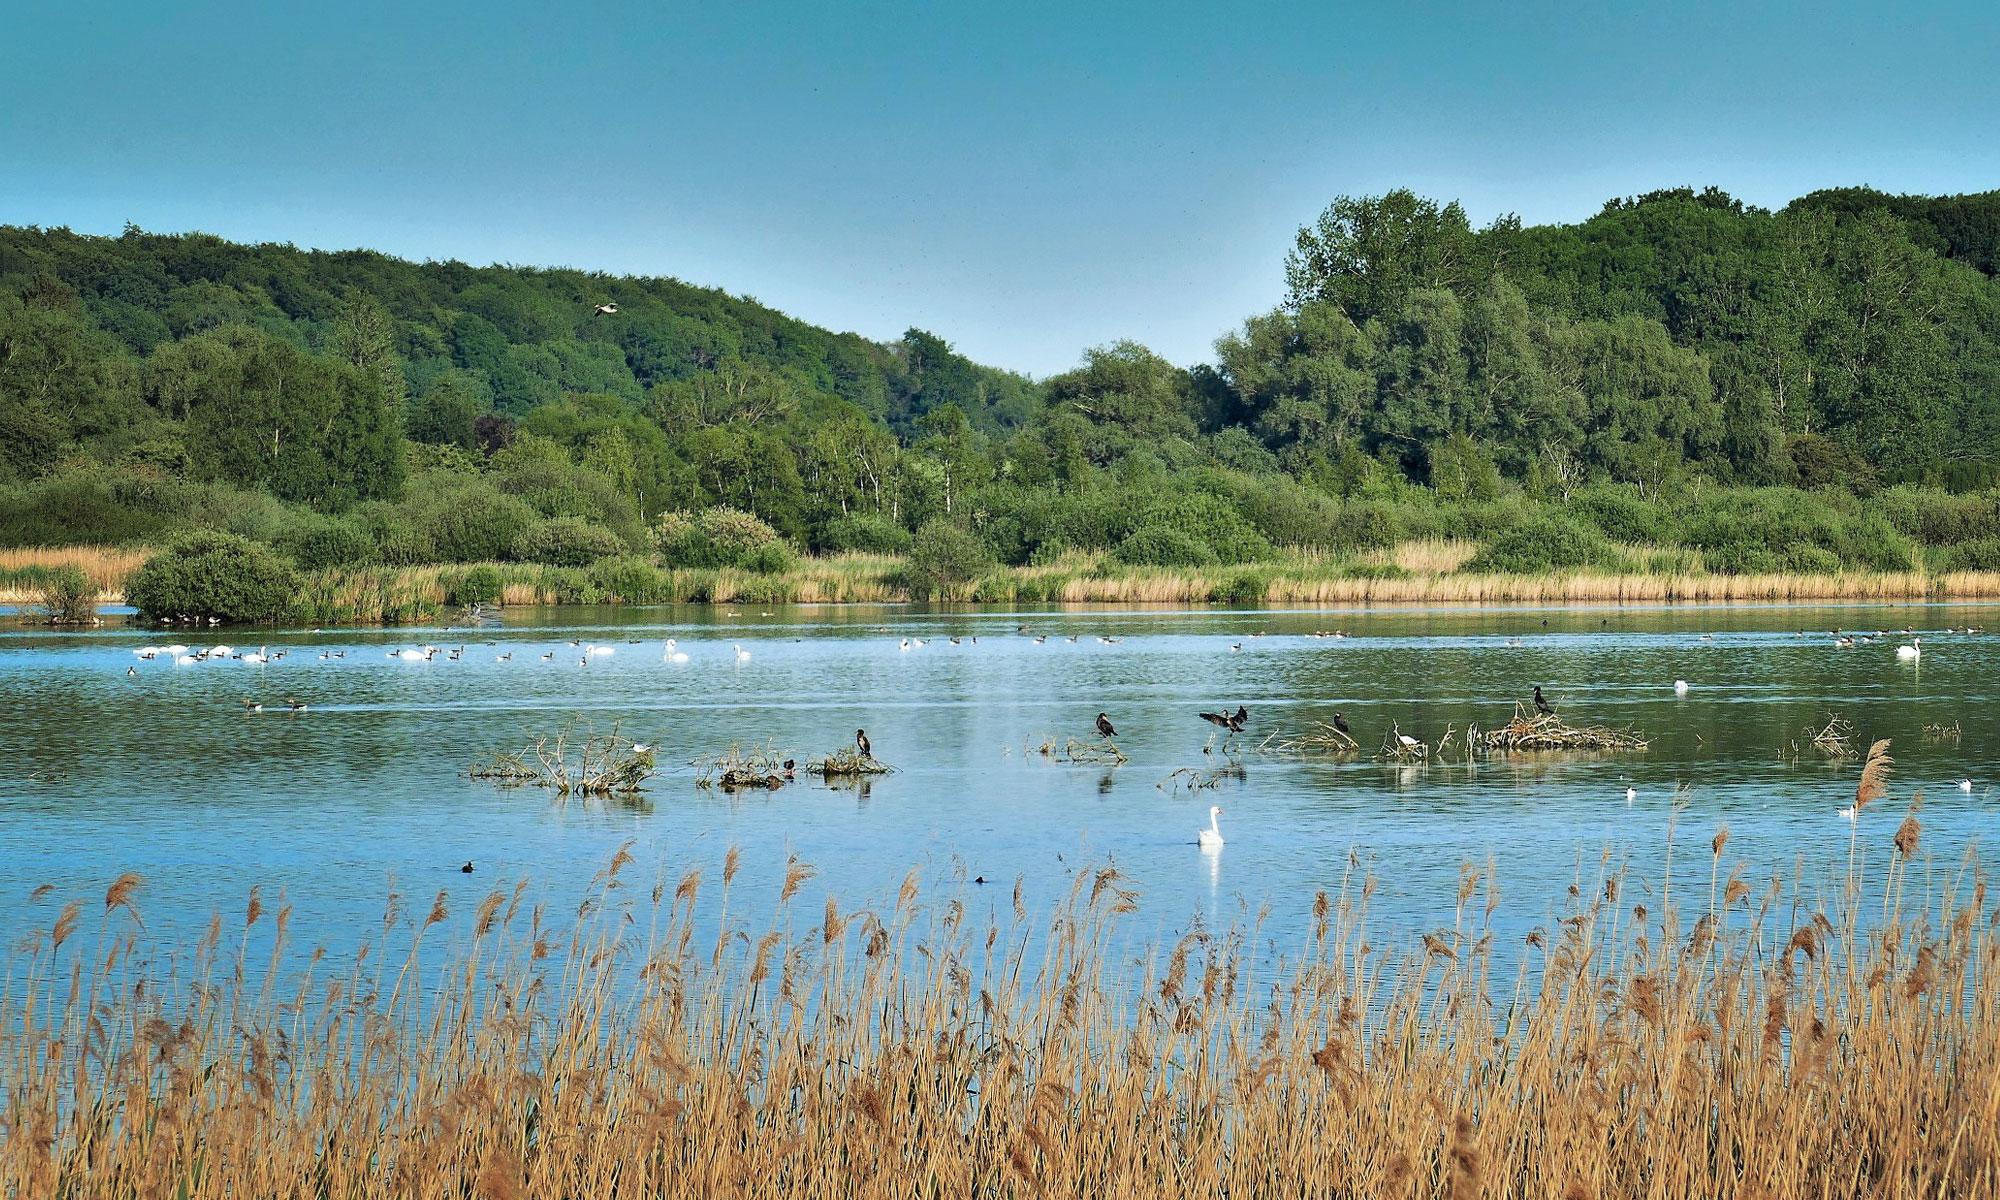 Naturschutzgebiet Dambecker Seen